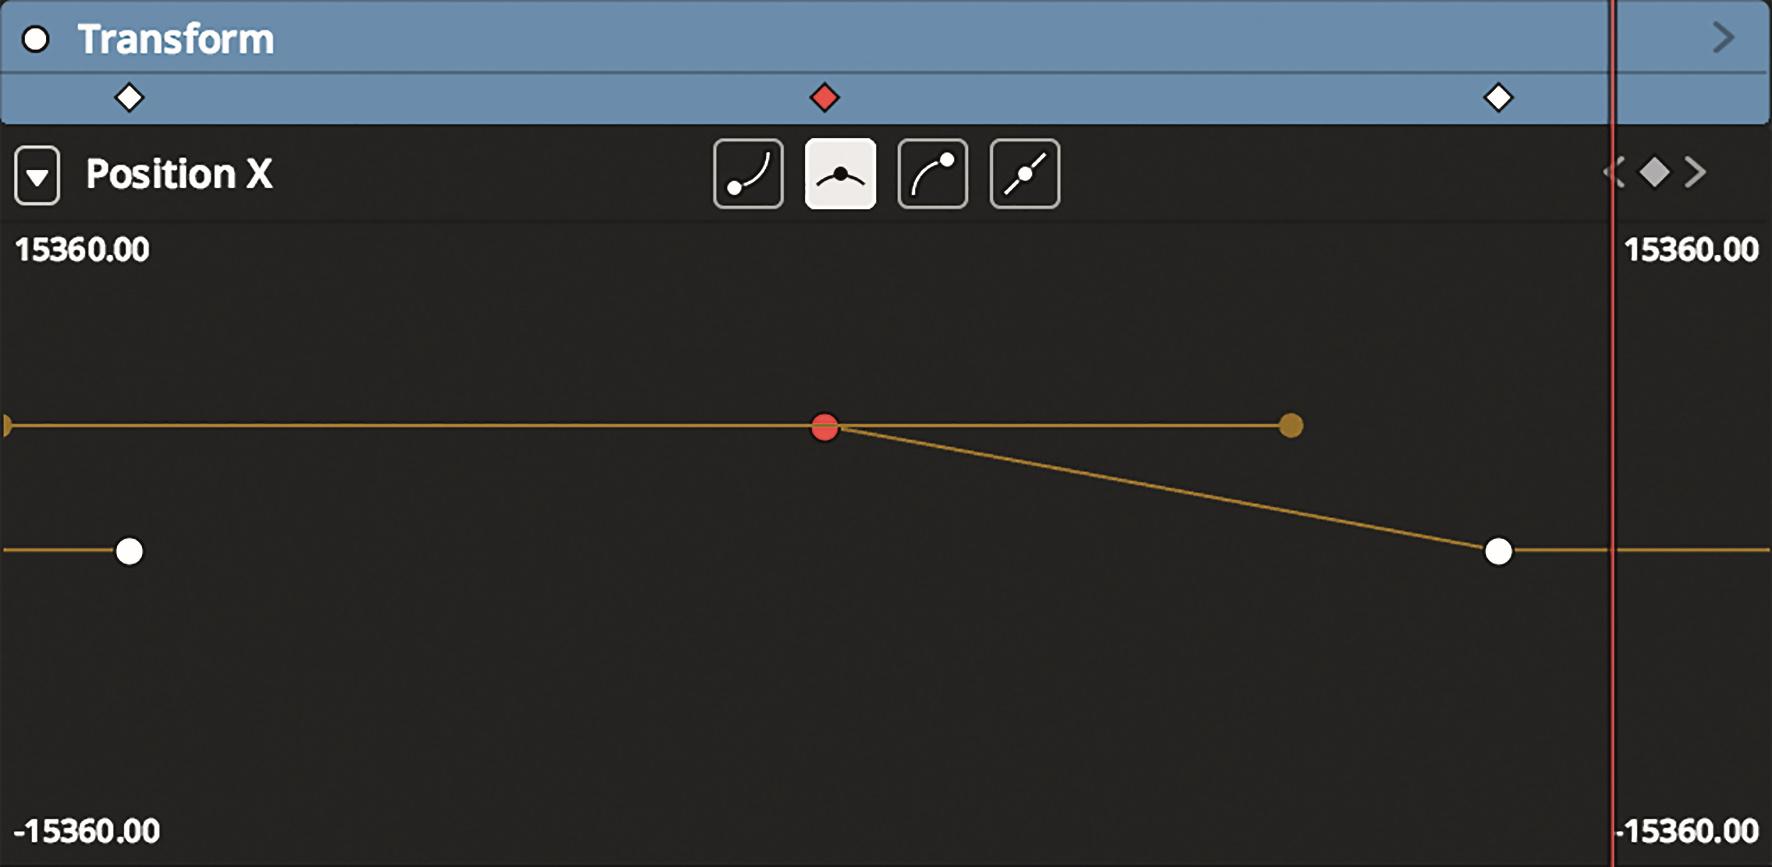 Endlich gibt es auch Funktionskurven für die Position – noch etwas unfertig in der Beta.